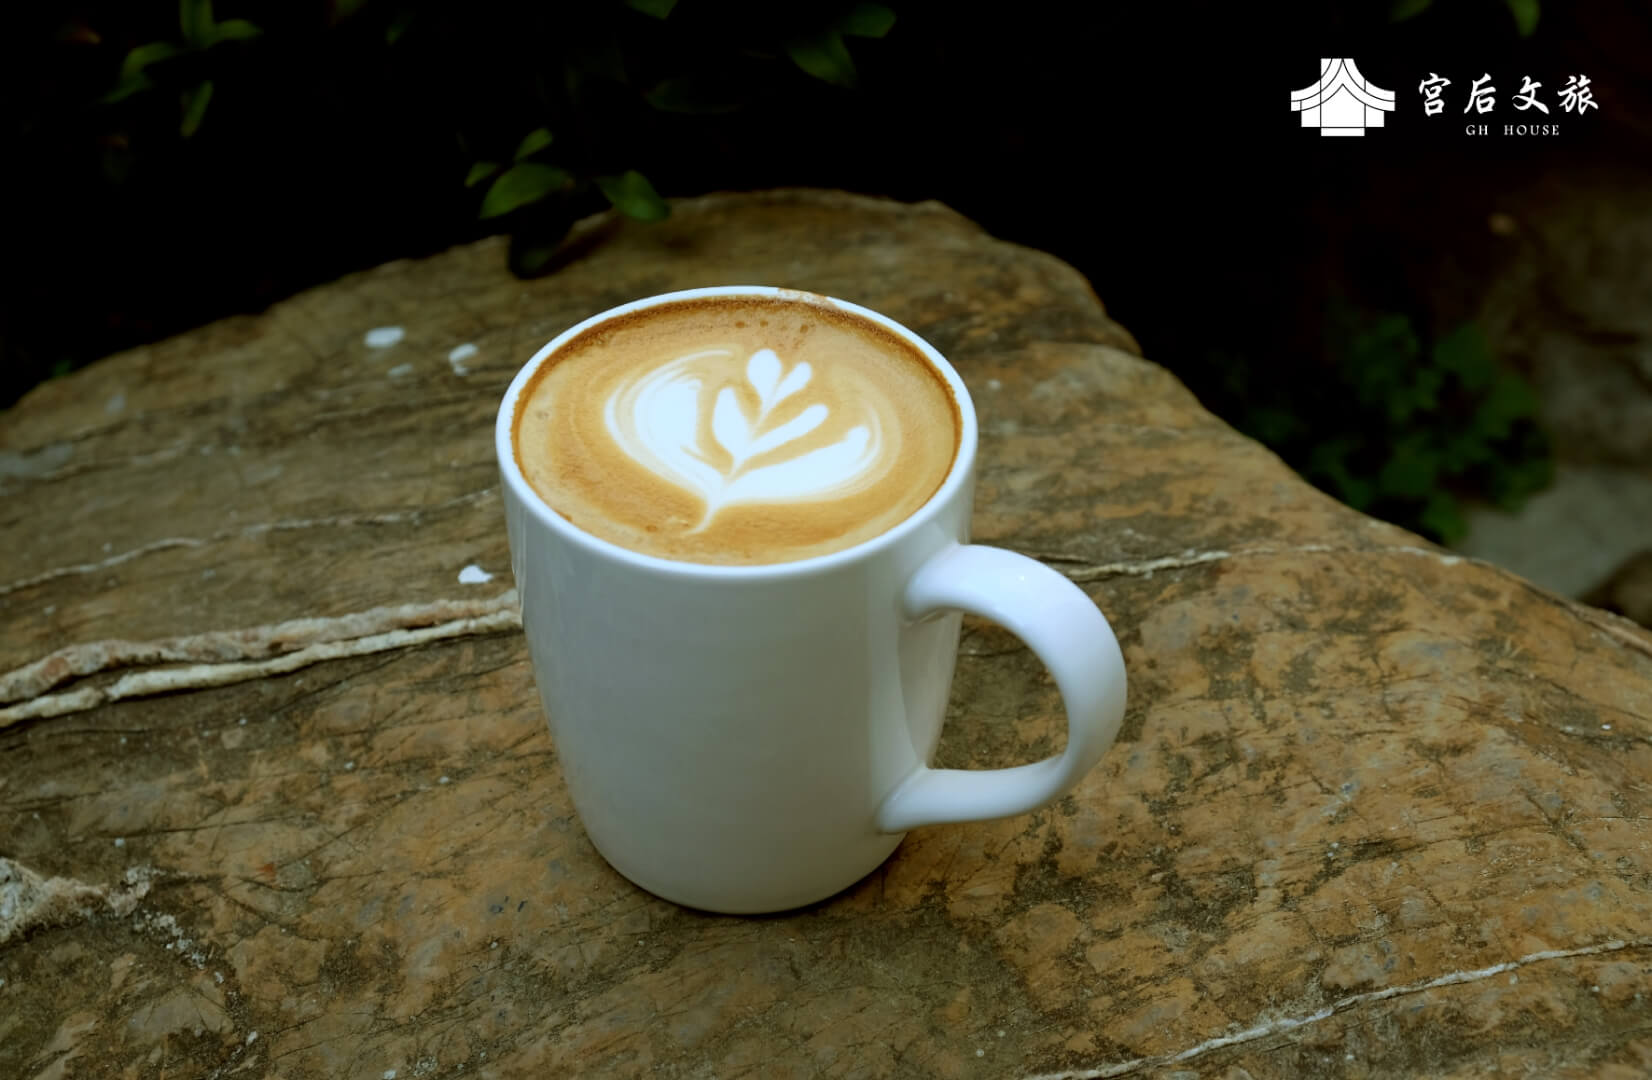 早餐 相片來源:彰化鹿港‧宮后文旅